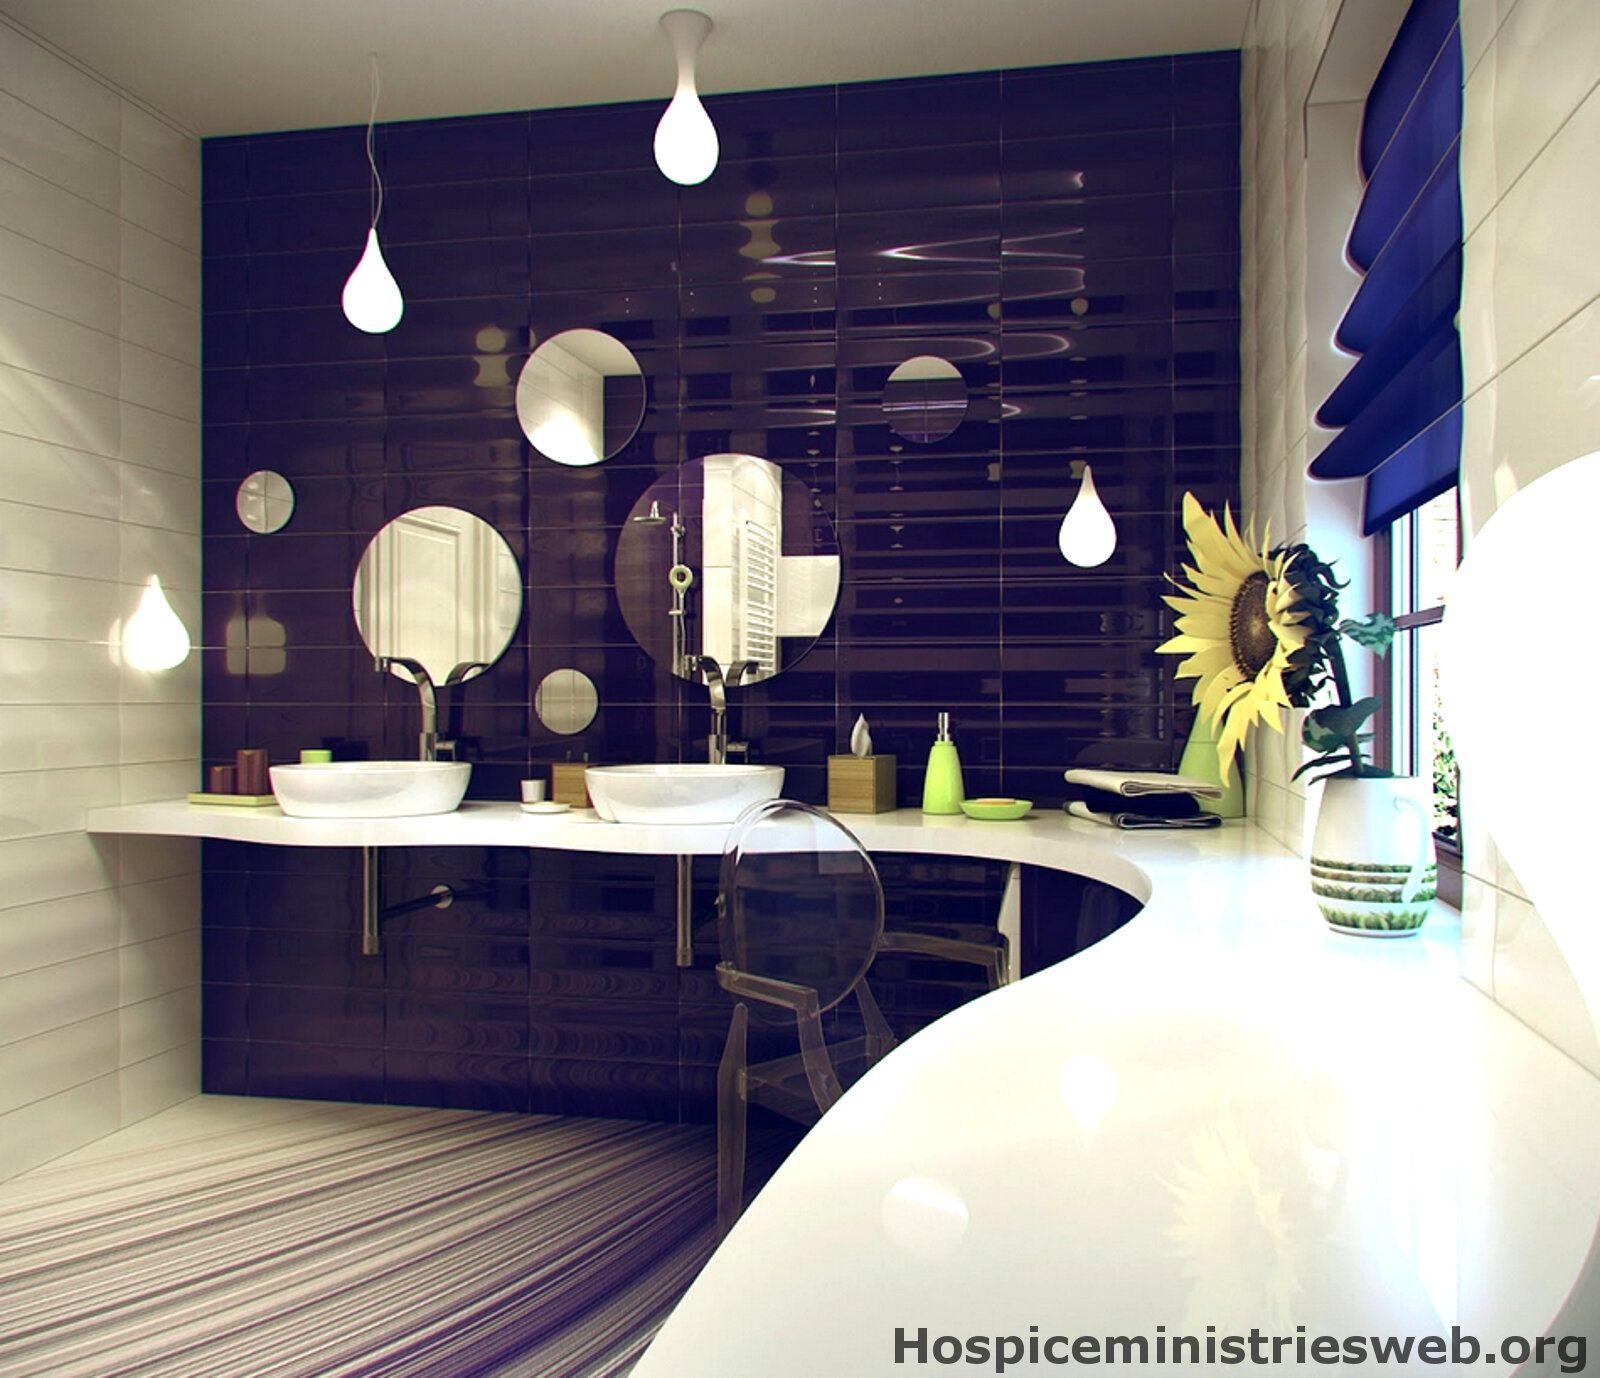 Raumgestaltung Farbe Beige Anthrazit Braun Raumgestaltung: 35 Ideen Für Badezimmer Braun Beige Wohn Ideen